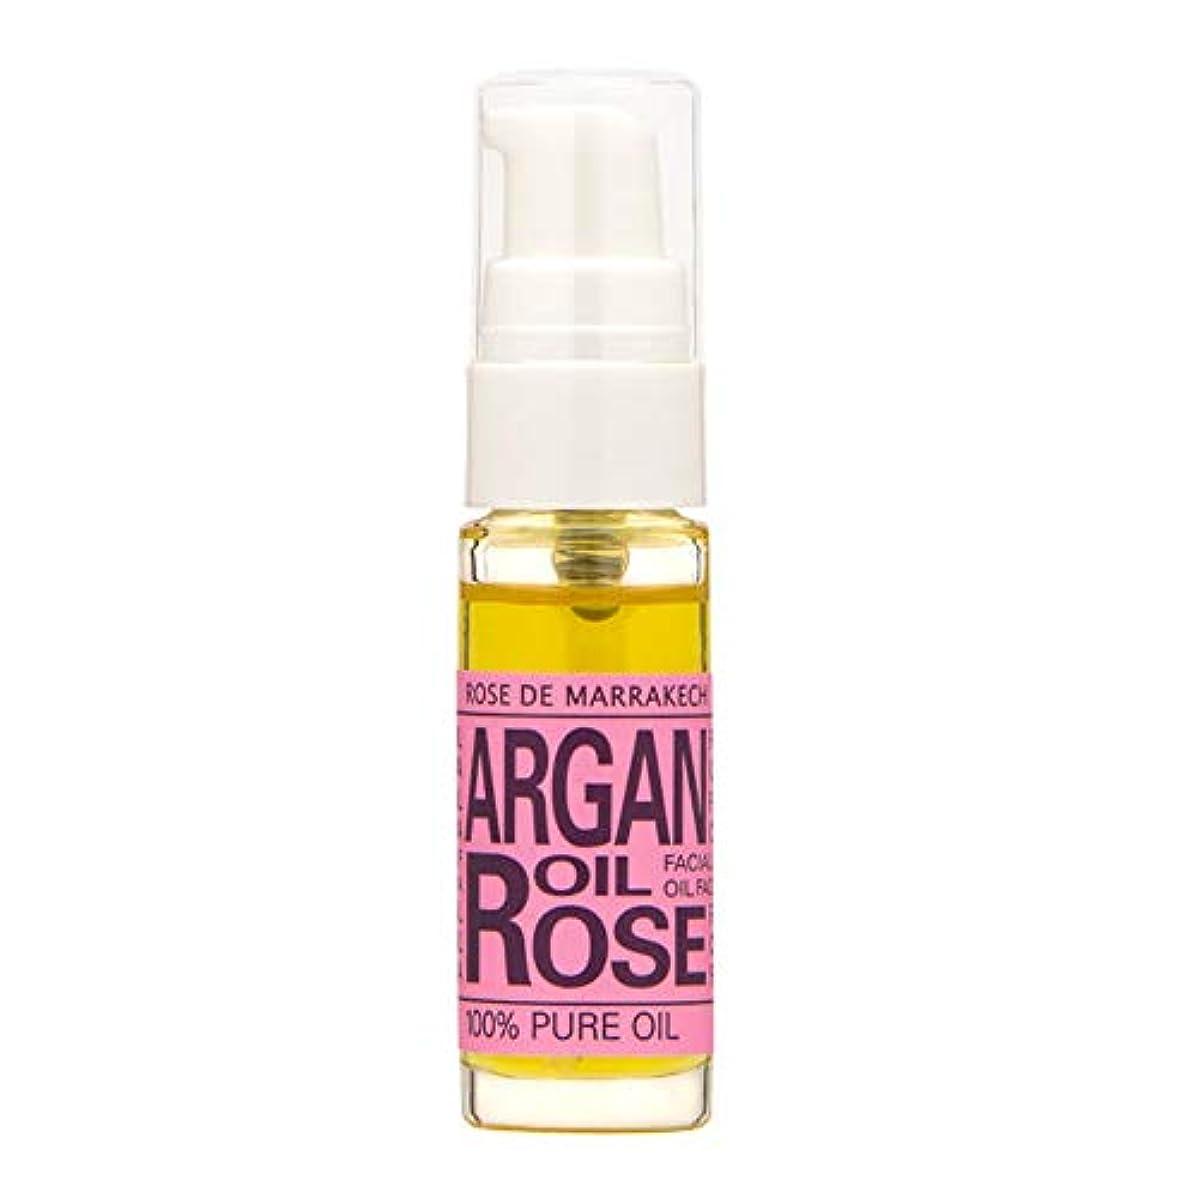 修正テラスゾーンローズ ド マラケシュ(ROSE DE MARRAKECH) ローズ ド マラケシュ アルガンオイル ローズ10mL(アルガンオイル99% 配合フェイシャルオイル) 美容液